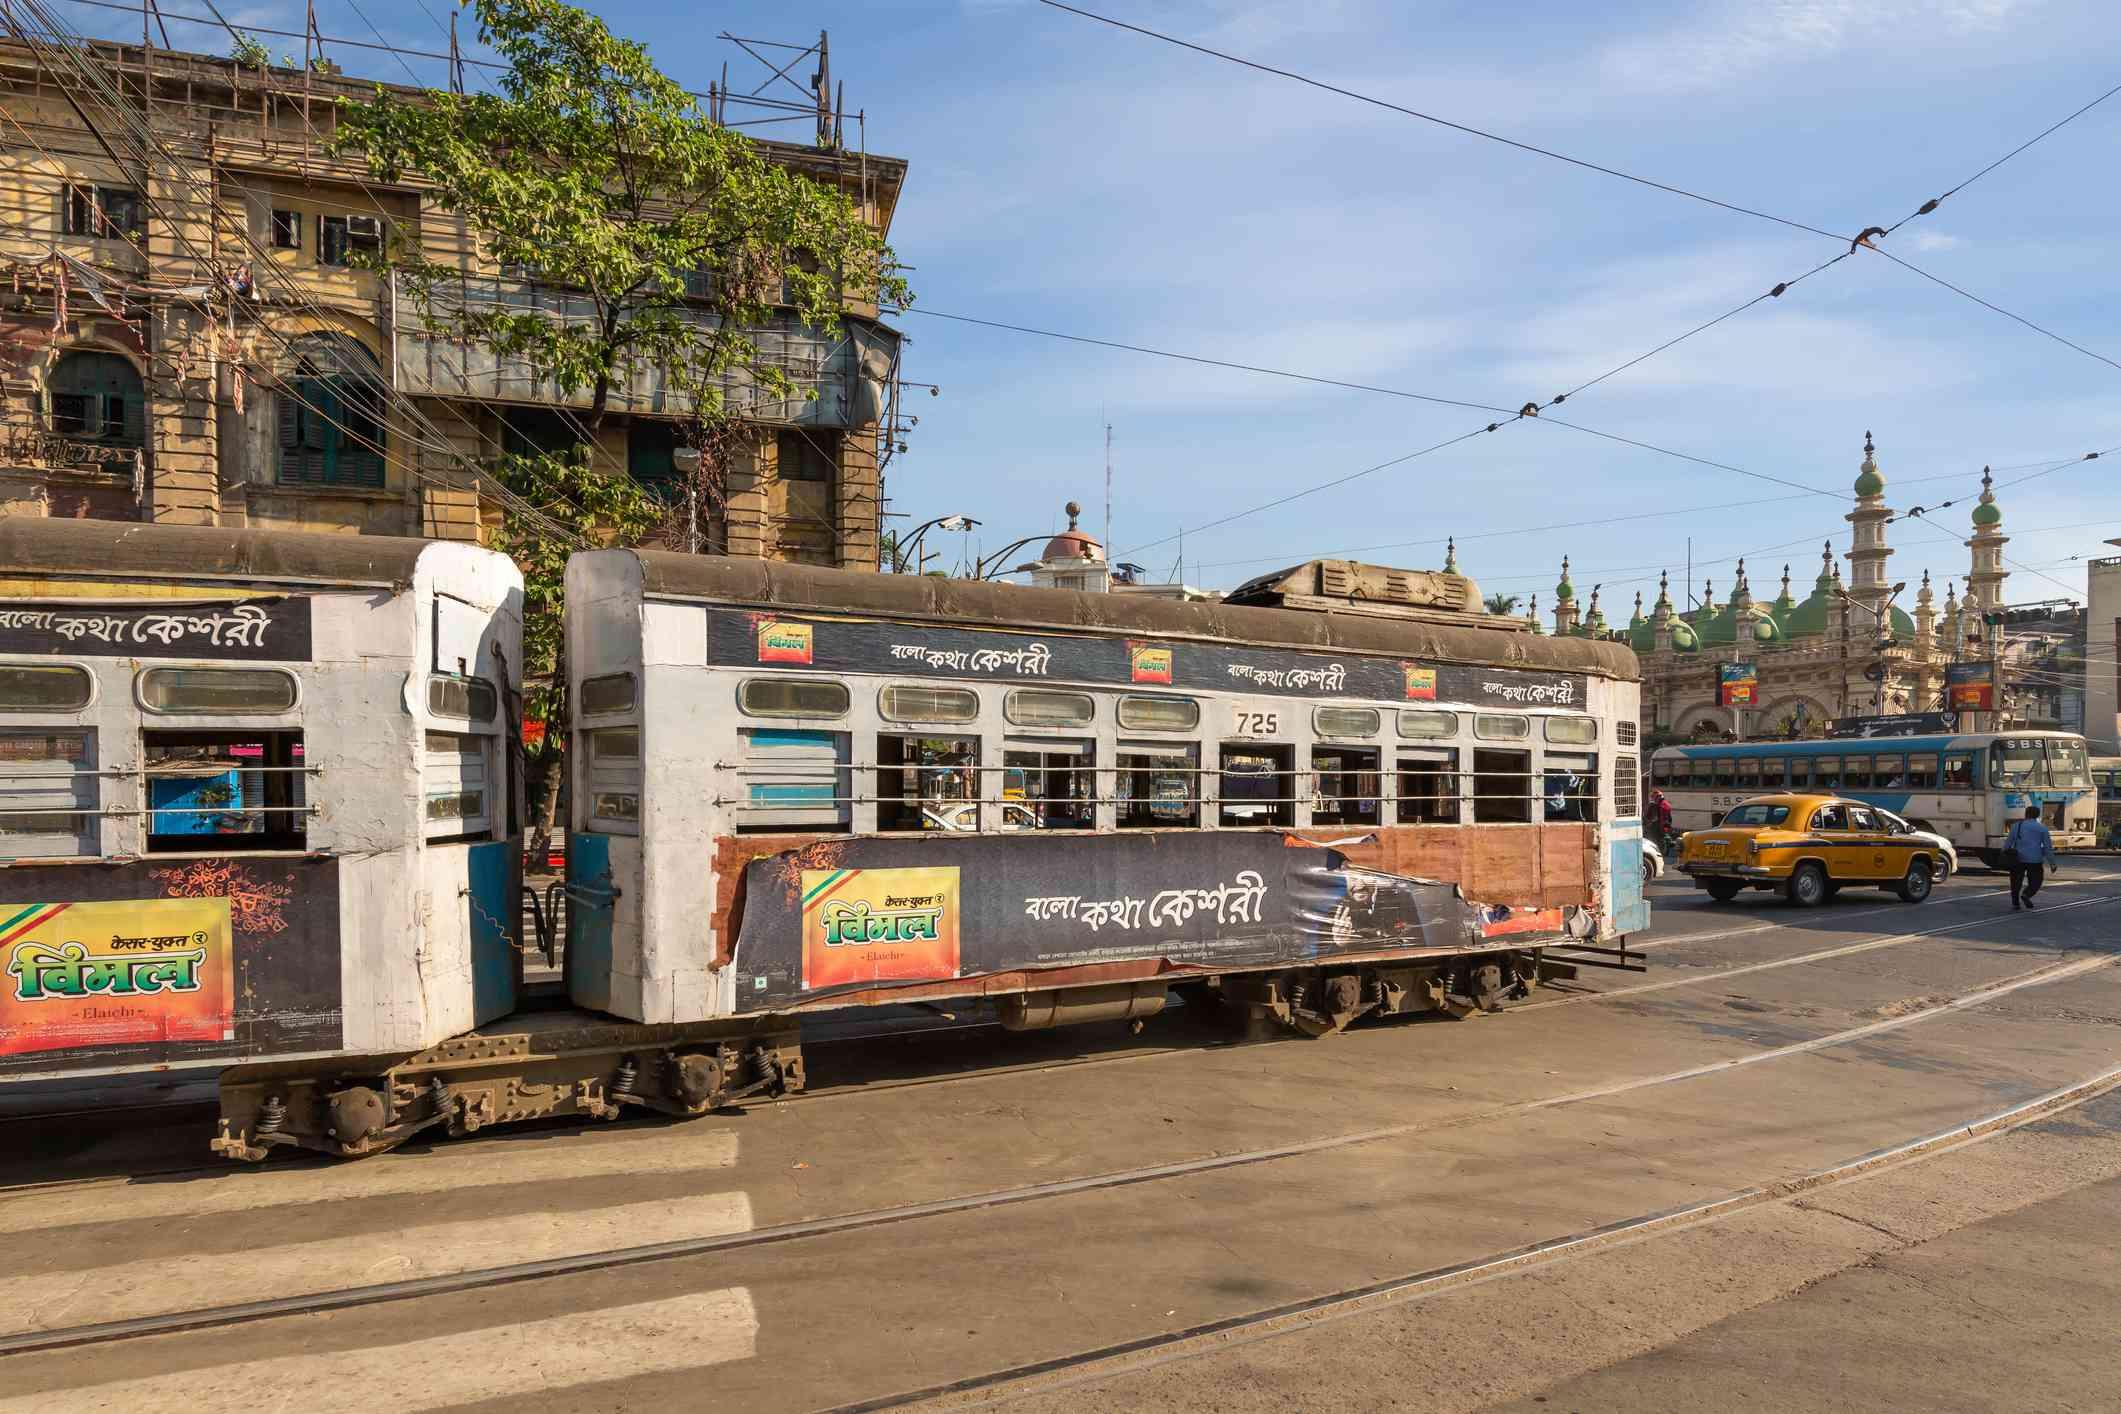 Tram in Kolkata.